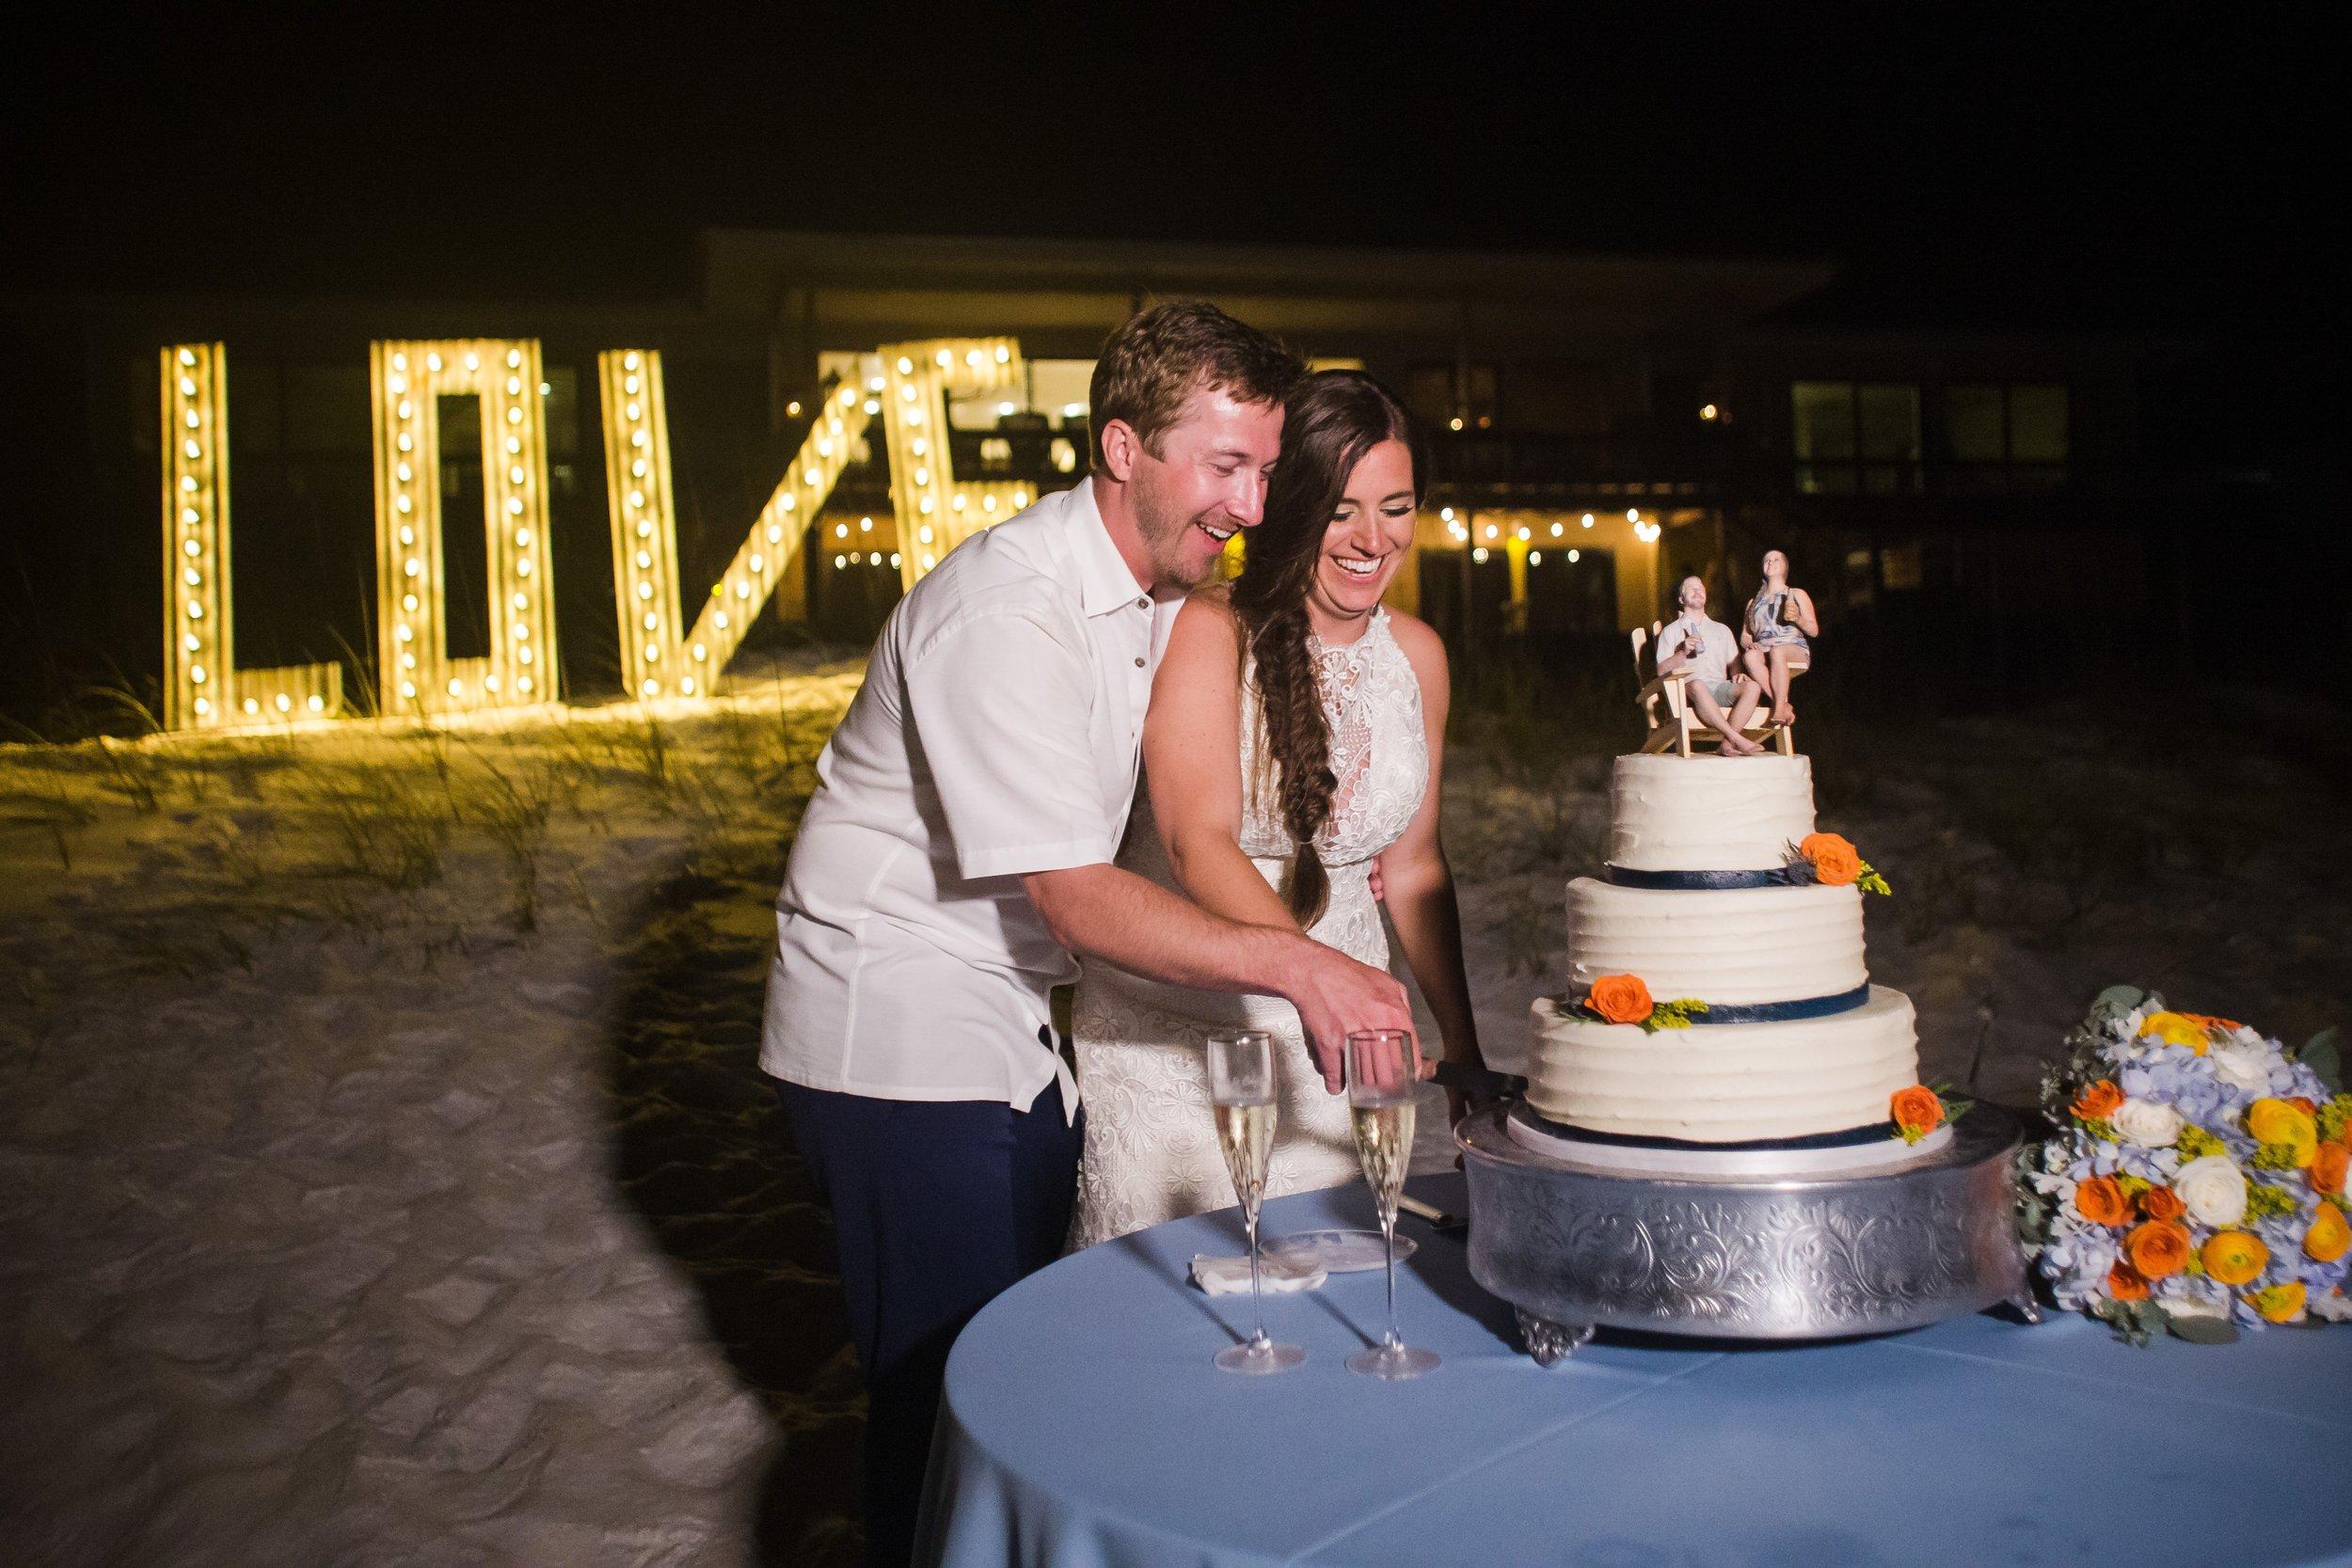 30a-Destin-Florida-Wedding-Photography-Caydee-Matt_0125.jpg